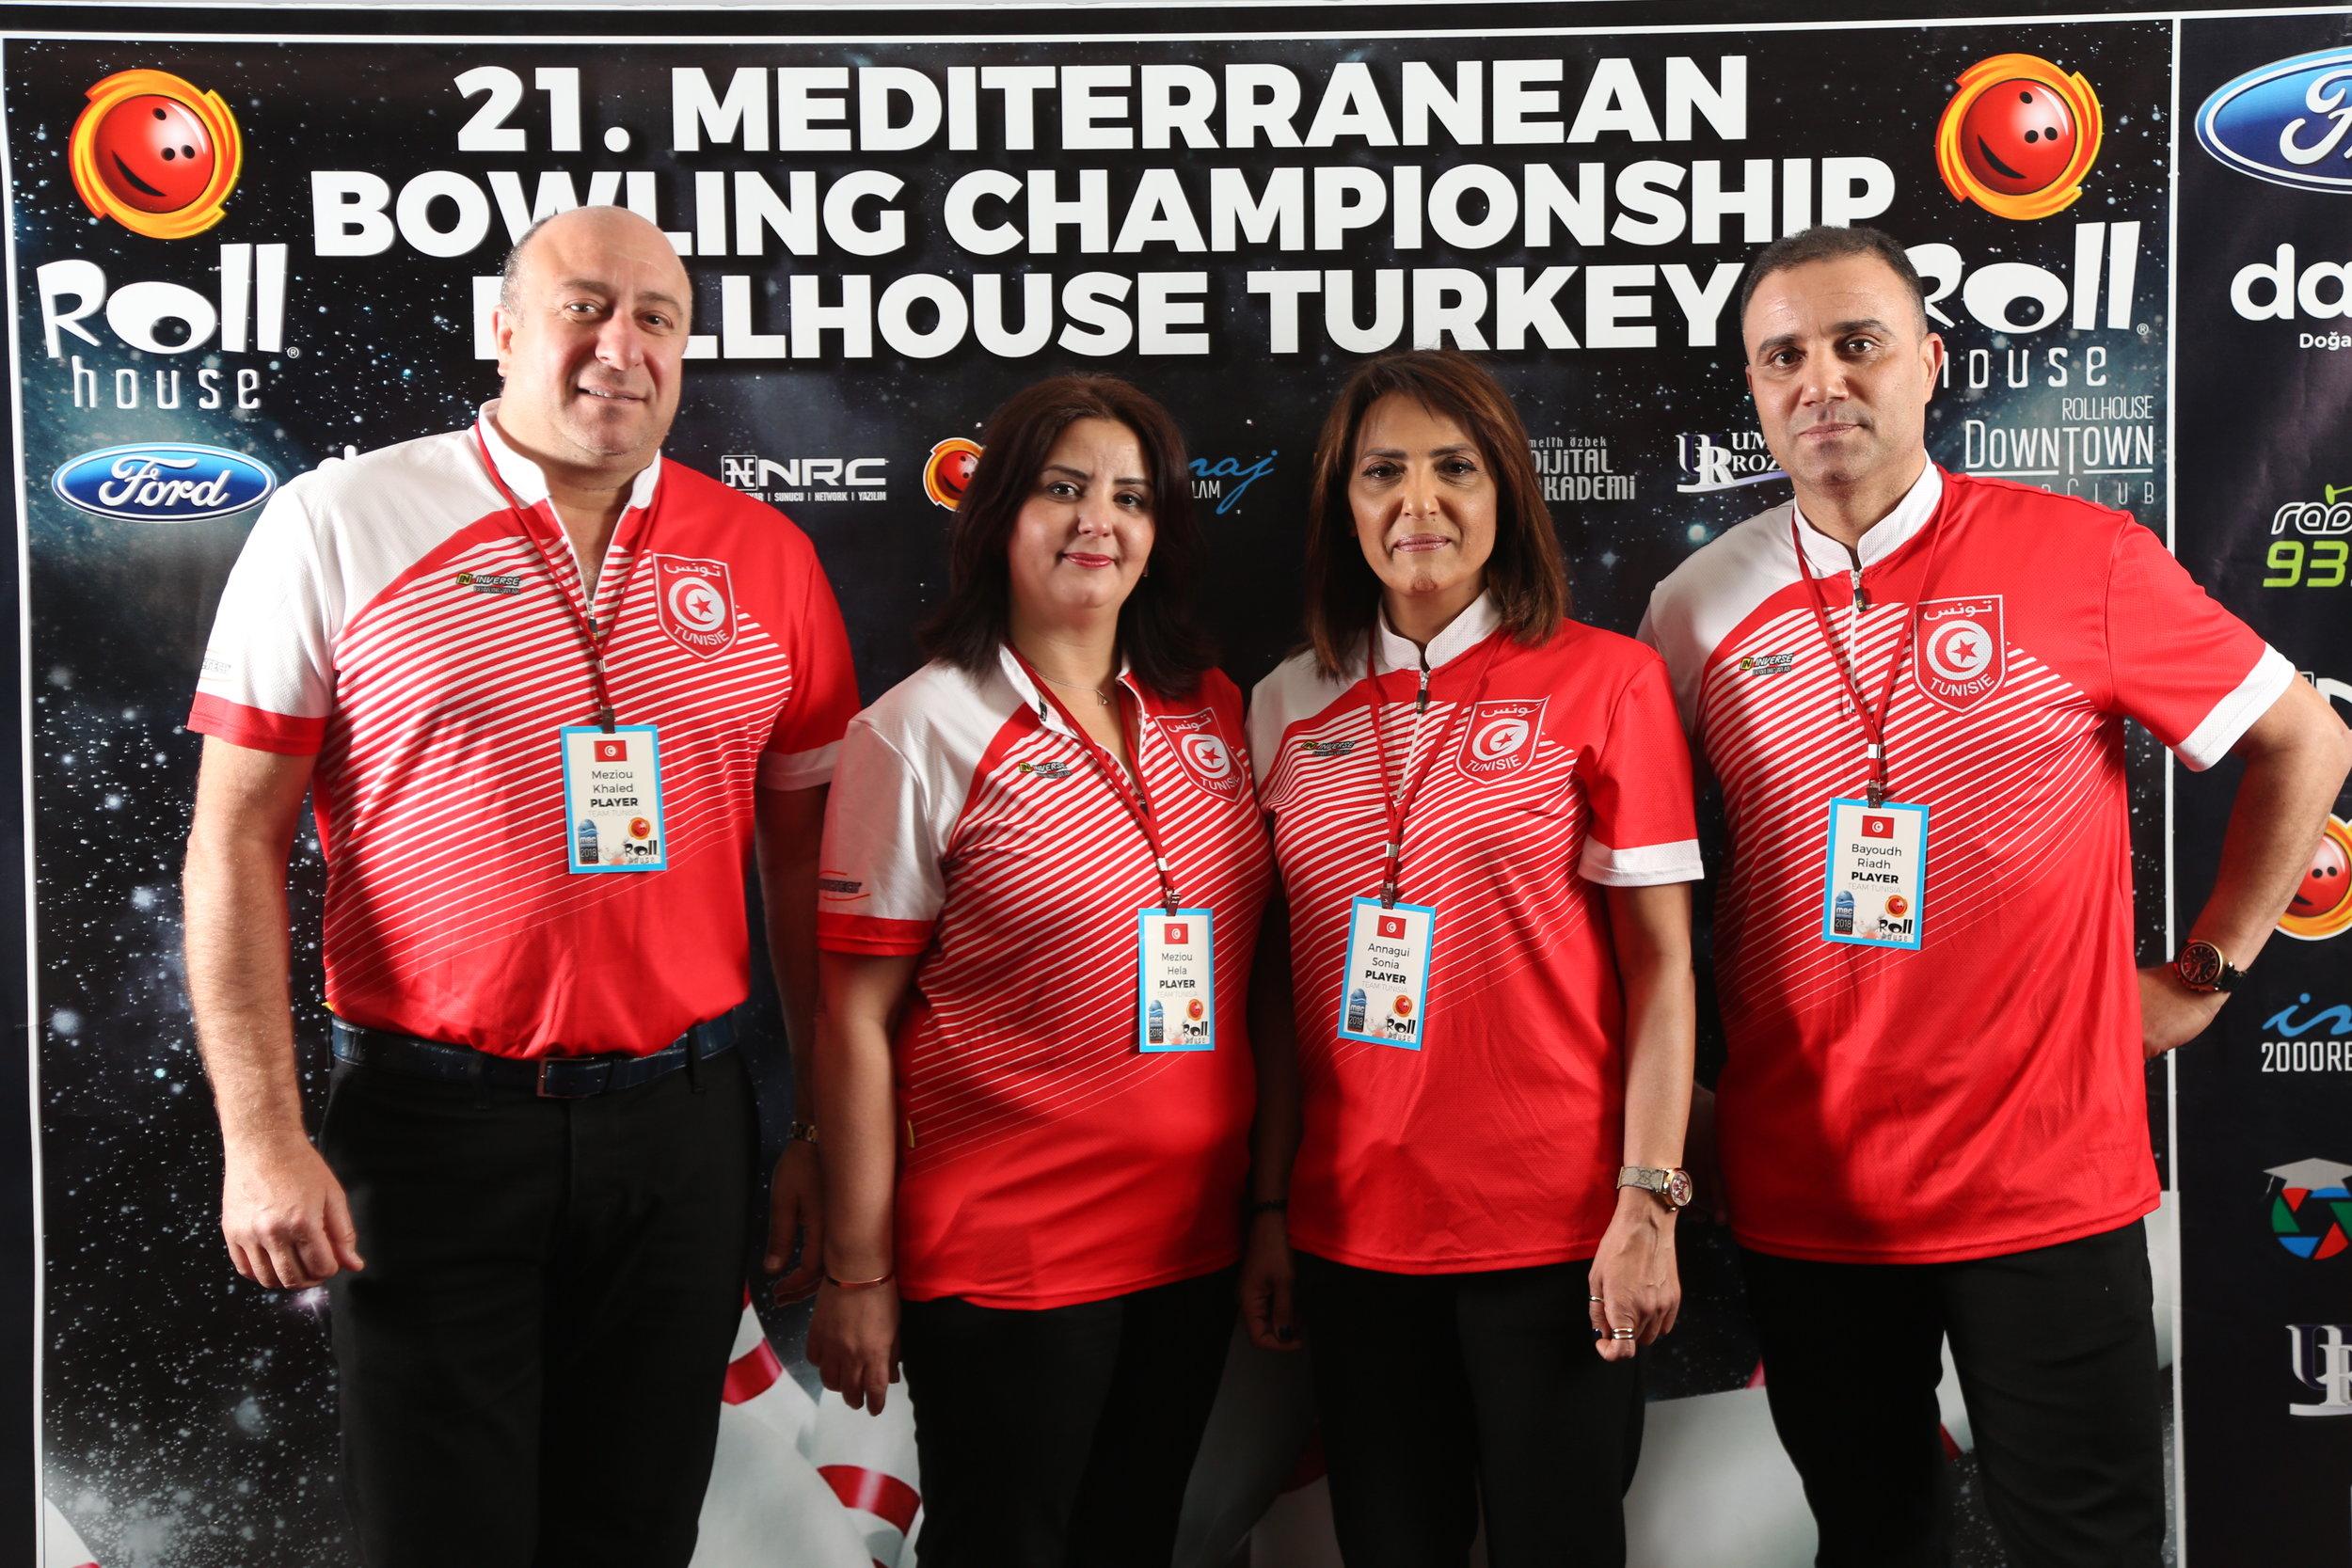 Team Tunisia